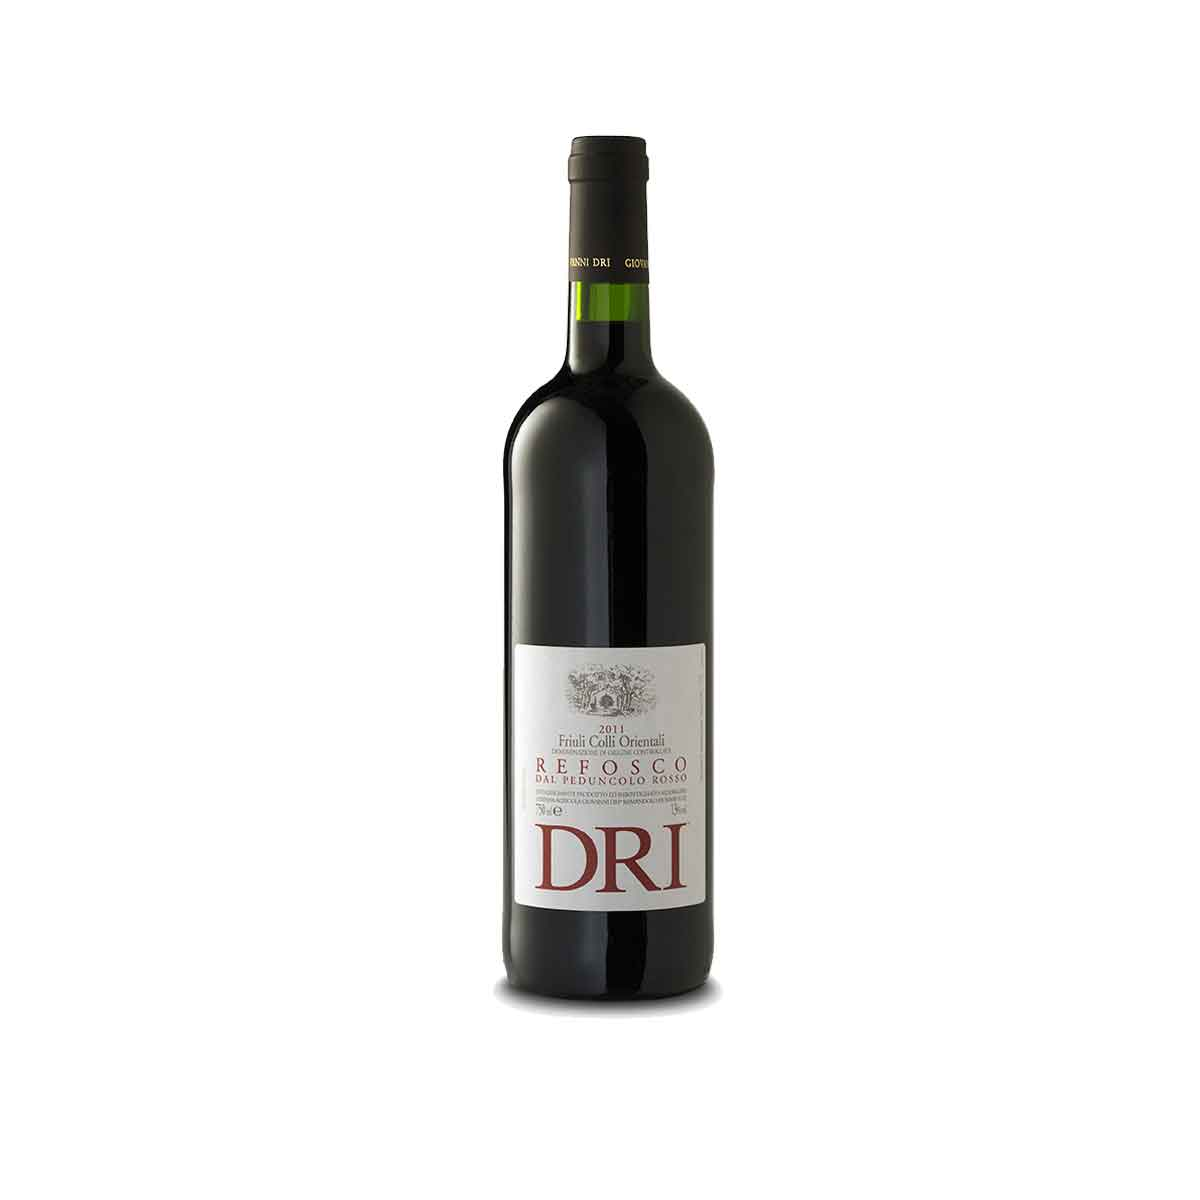 Friuli Colli Orientali Refosco dal Peduncolo Rosso -Dri Il Roncat